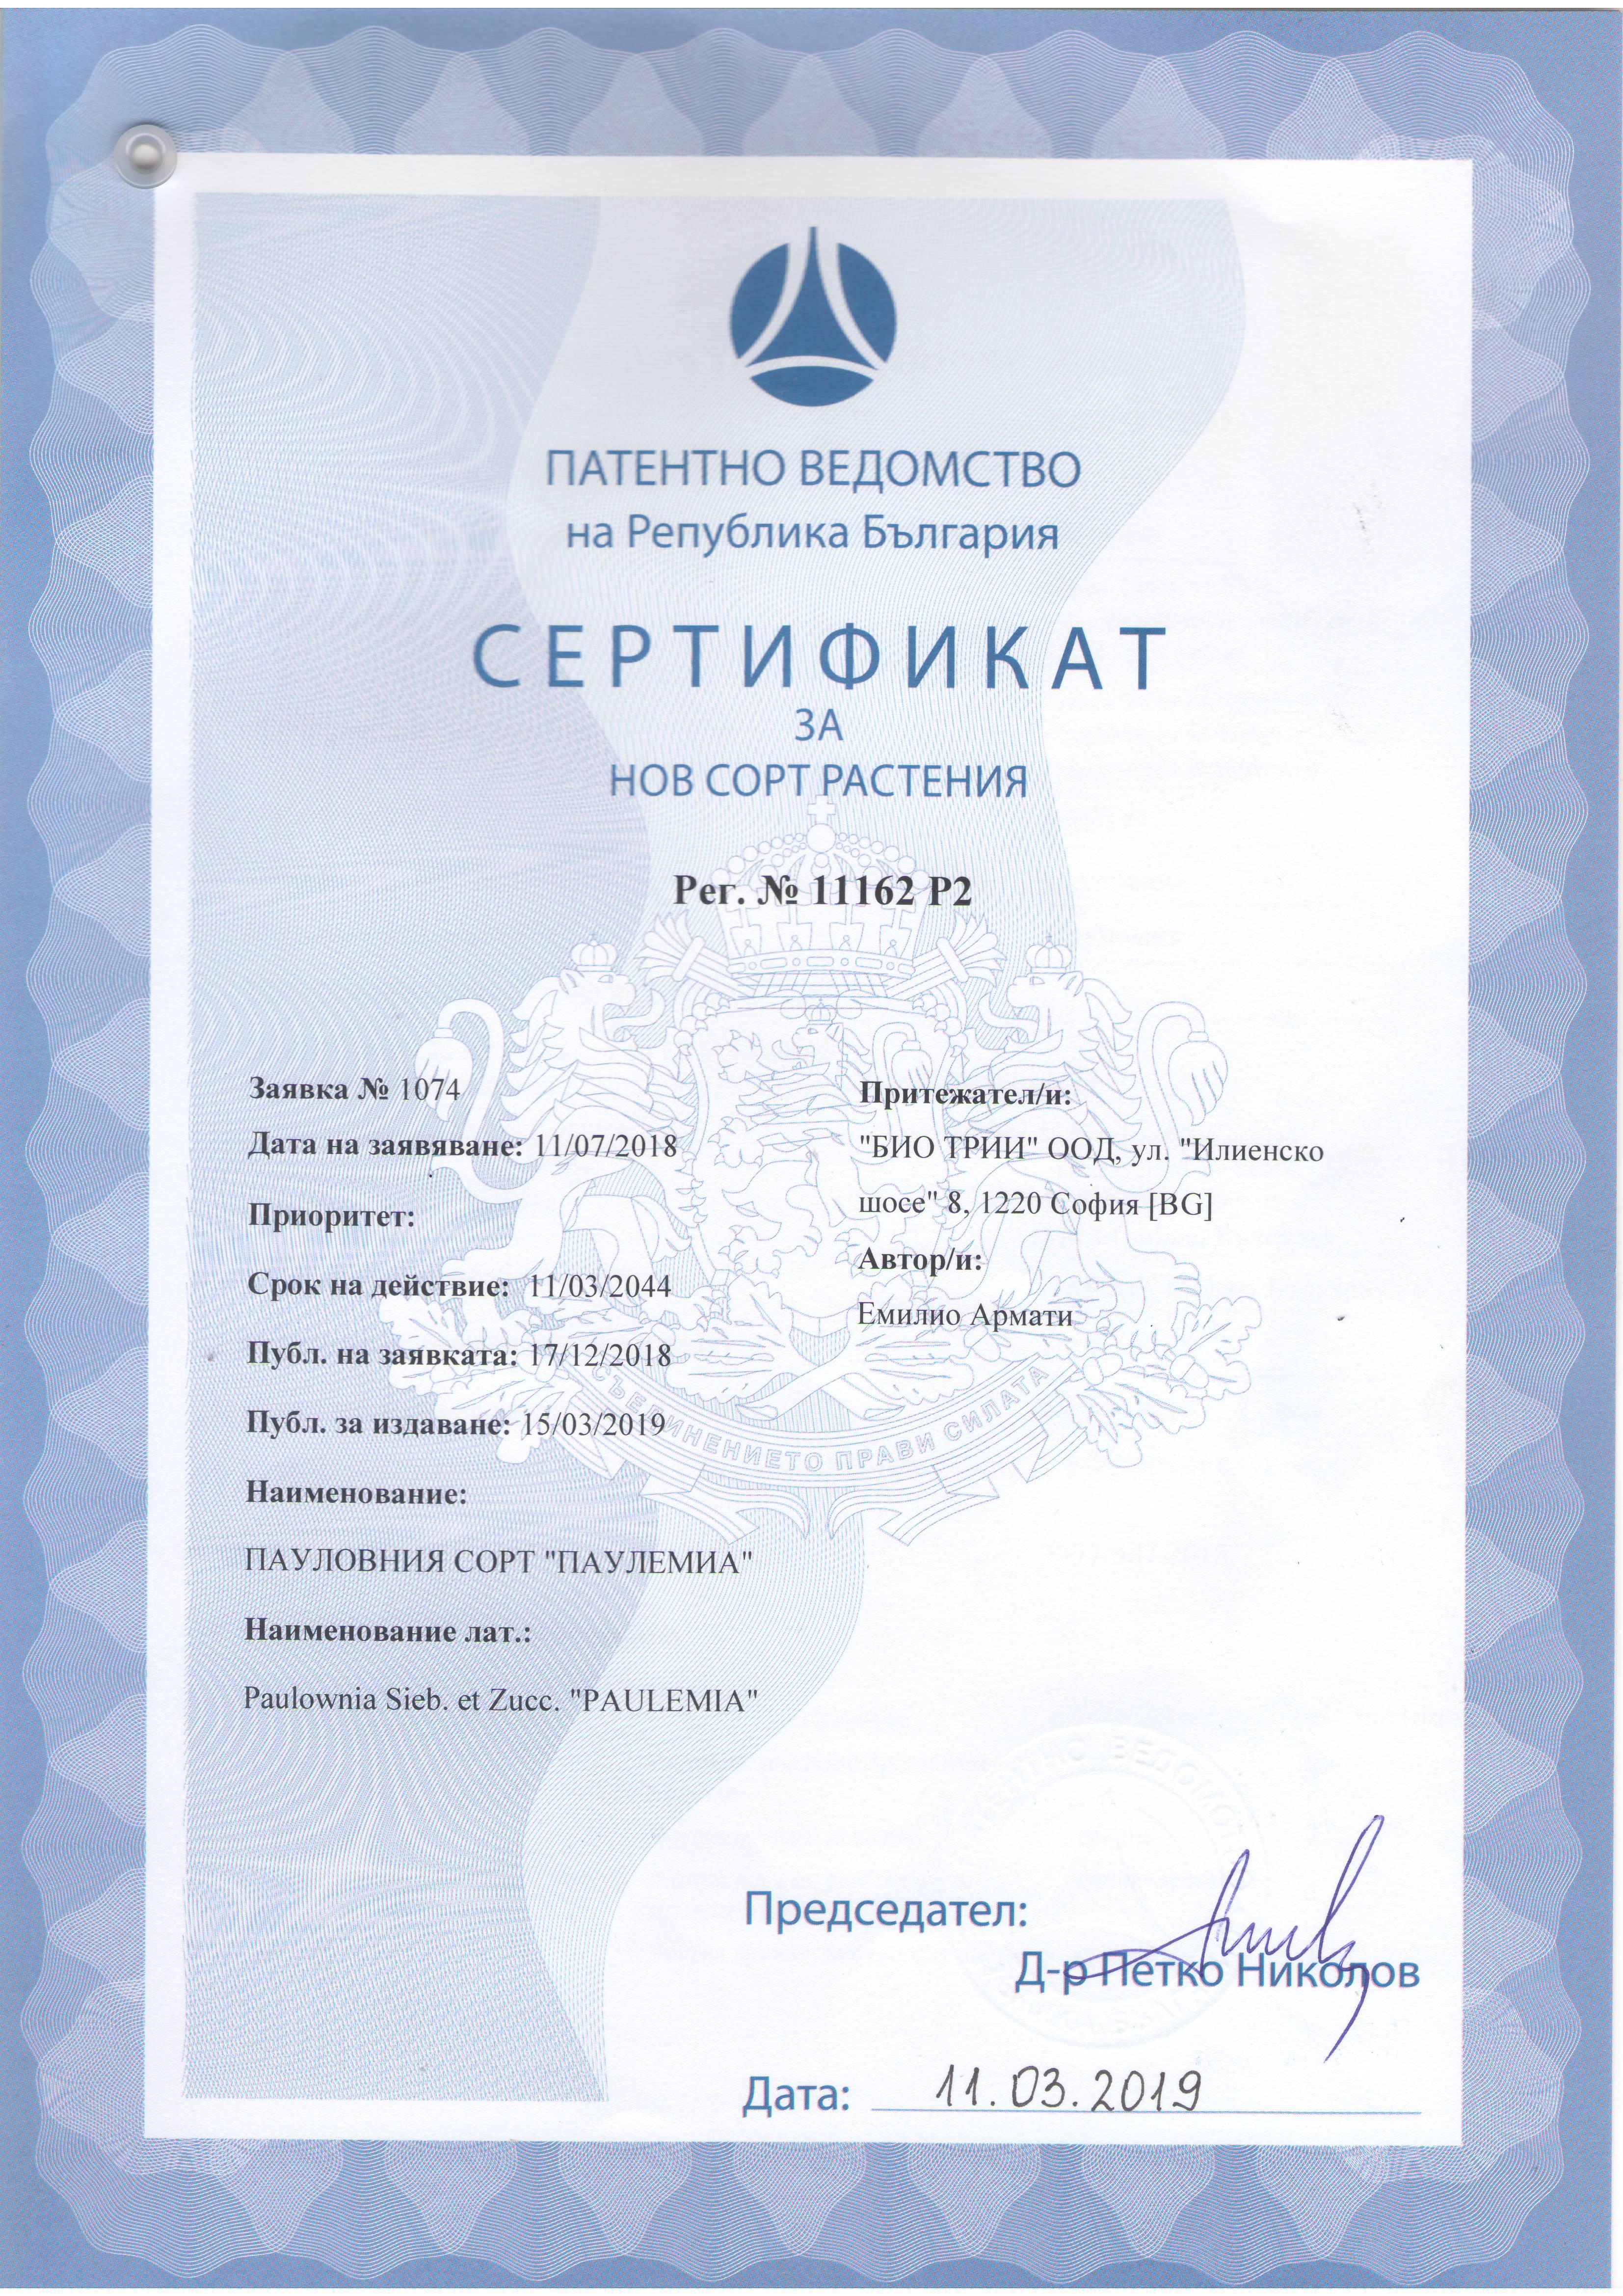 Сертификат нов сорт пауловния - Paulemia